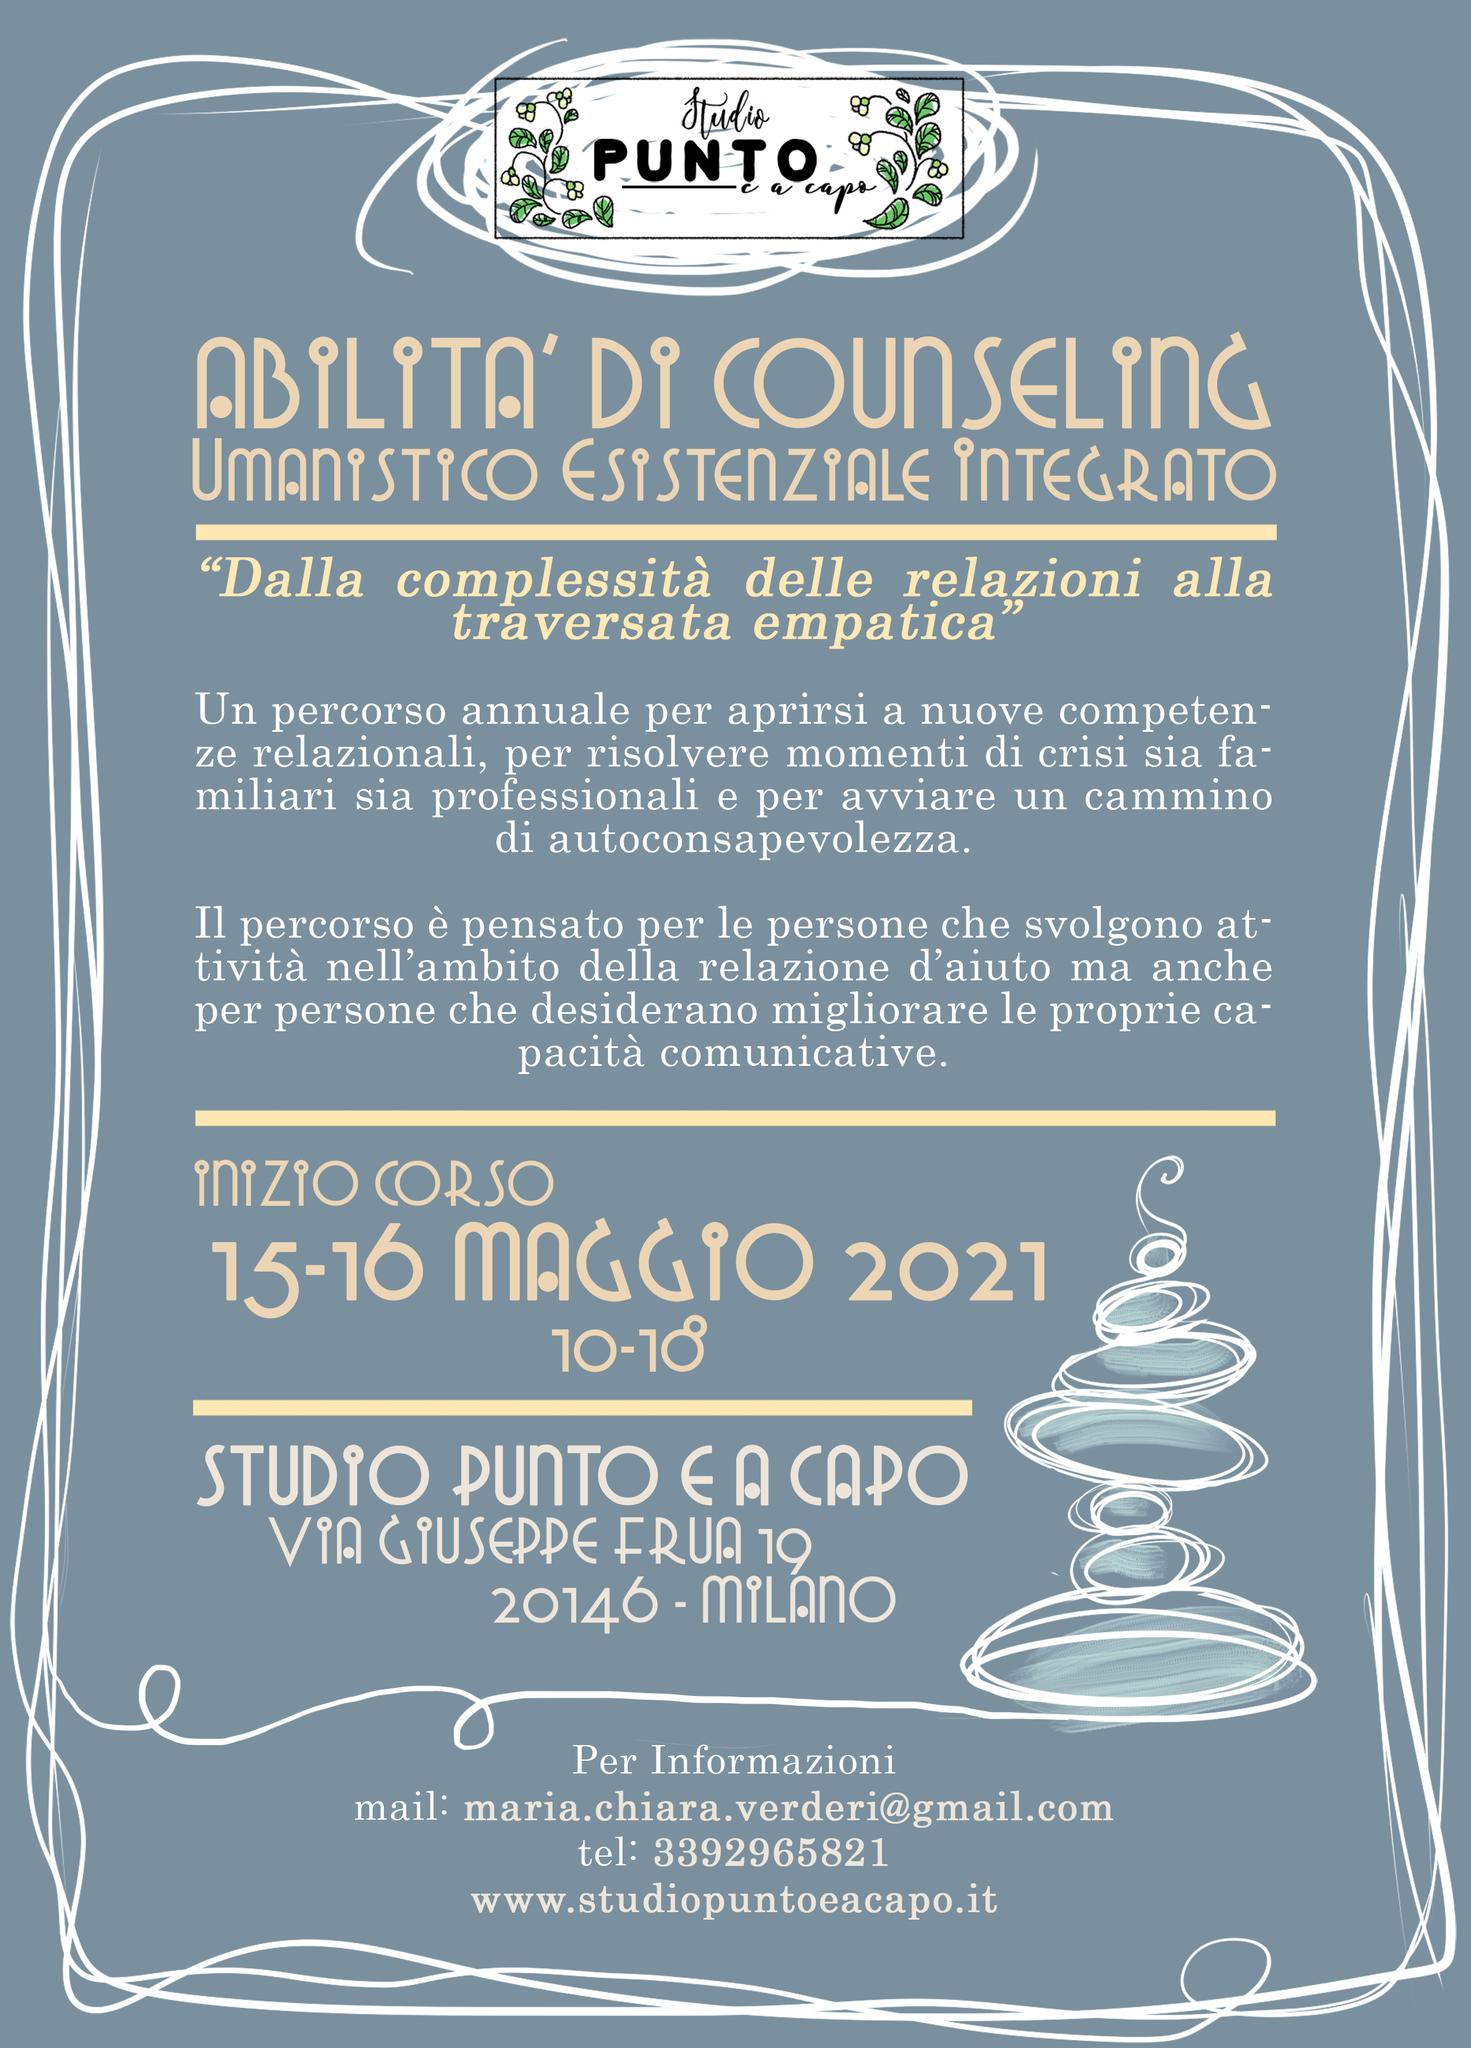 Milano, 15 e 16 Maggio 2021, Primo weekend del Corso Abilità di Counseling, con Maria Chiara Verderi, dott. Anna Salvadori, Massimo Pittella e dott. Franco Radice